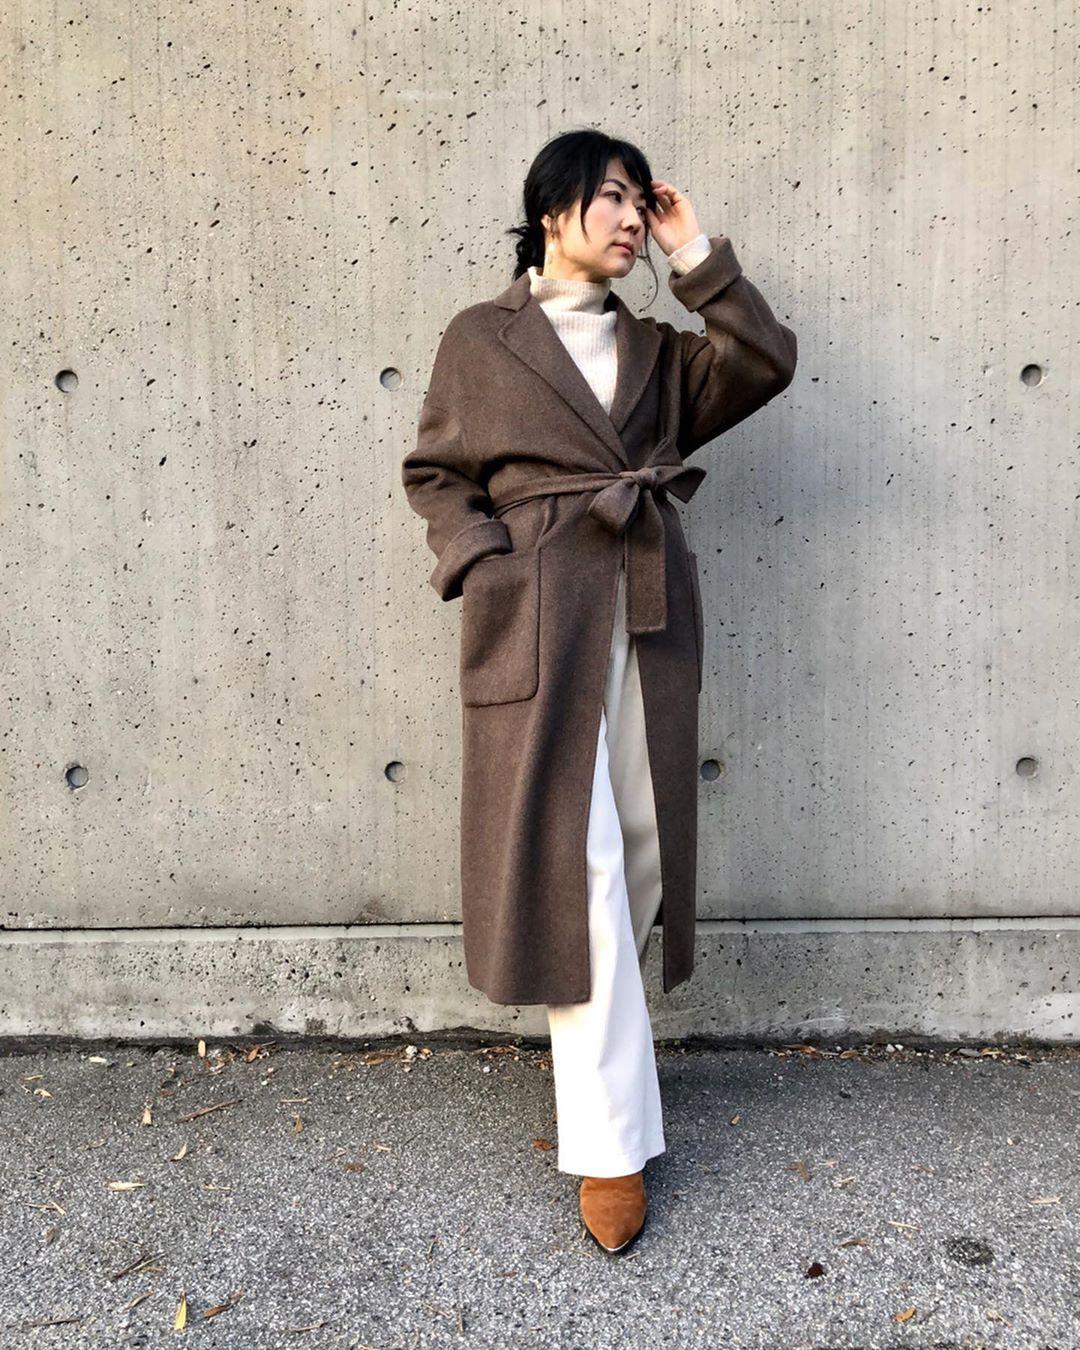 最高気温15度・最低気温5度 i.styleclosetの服装